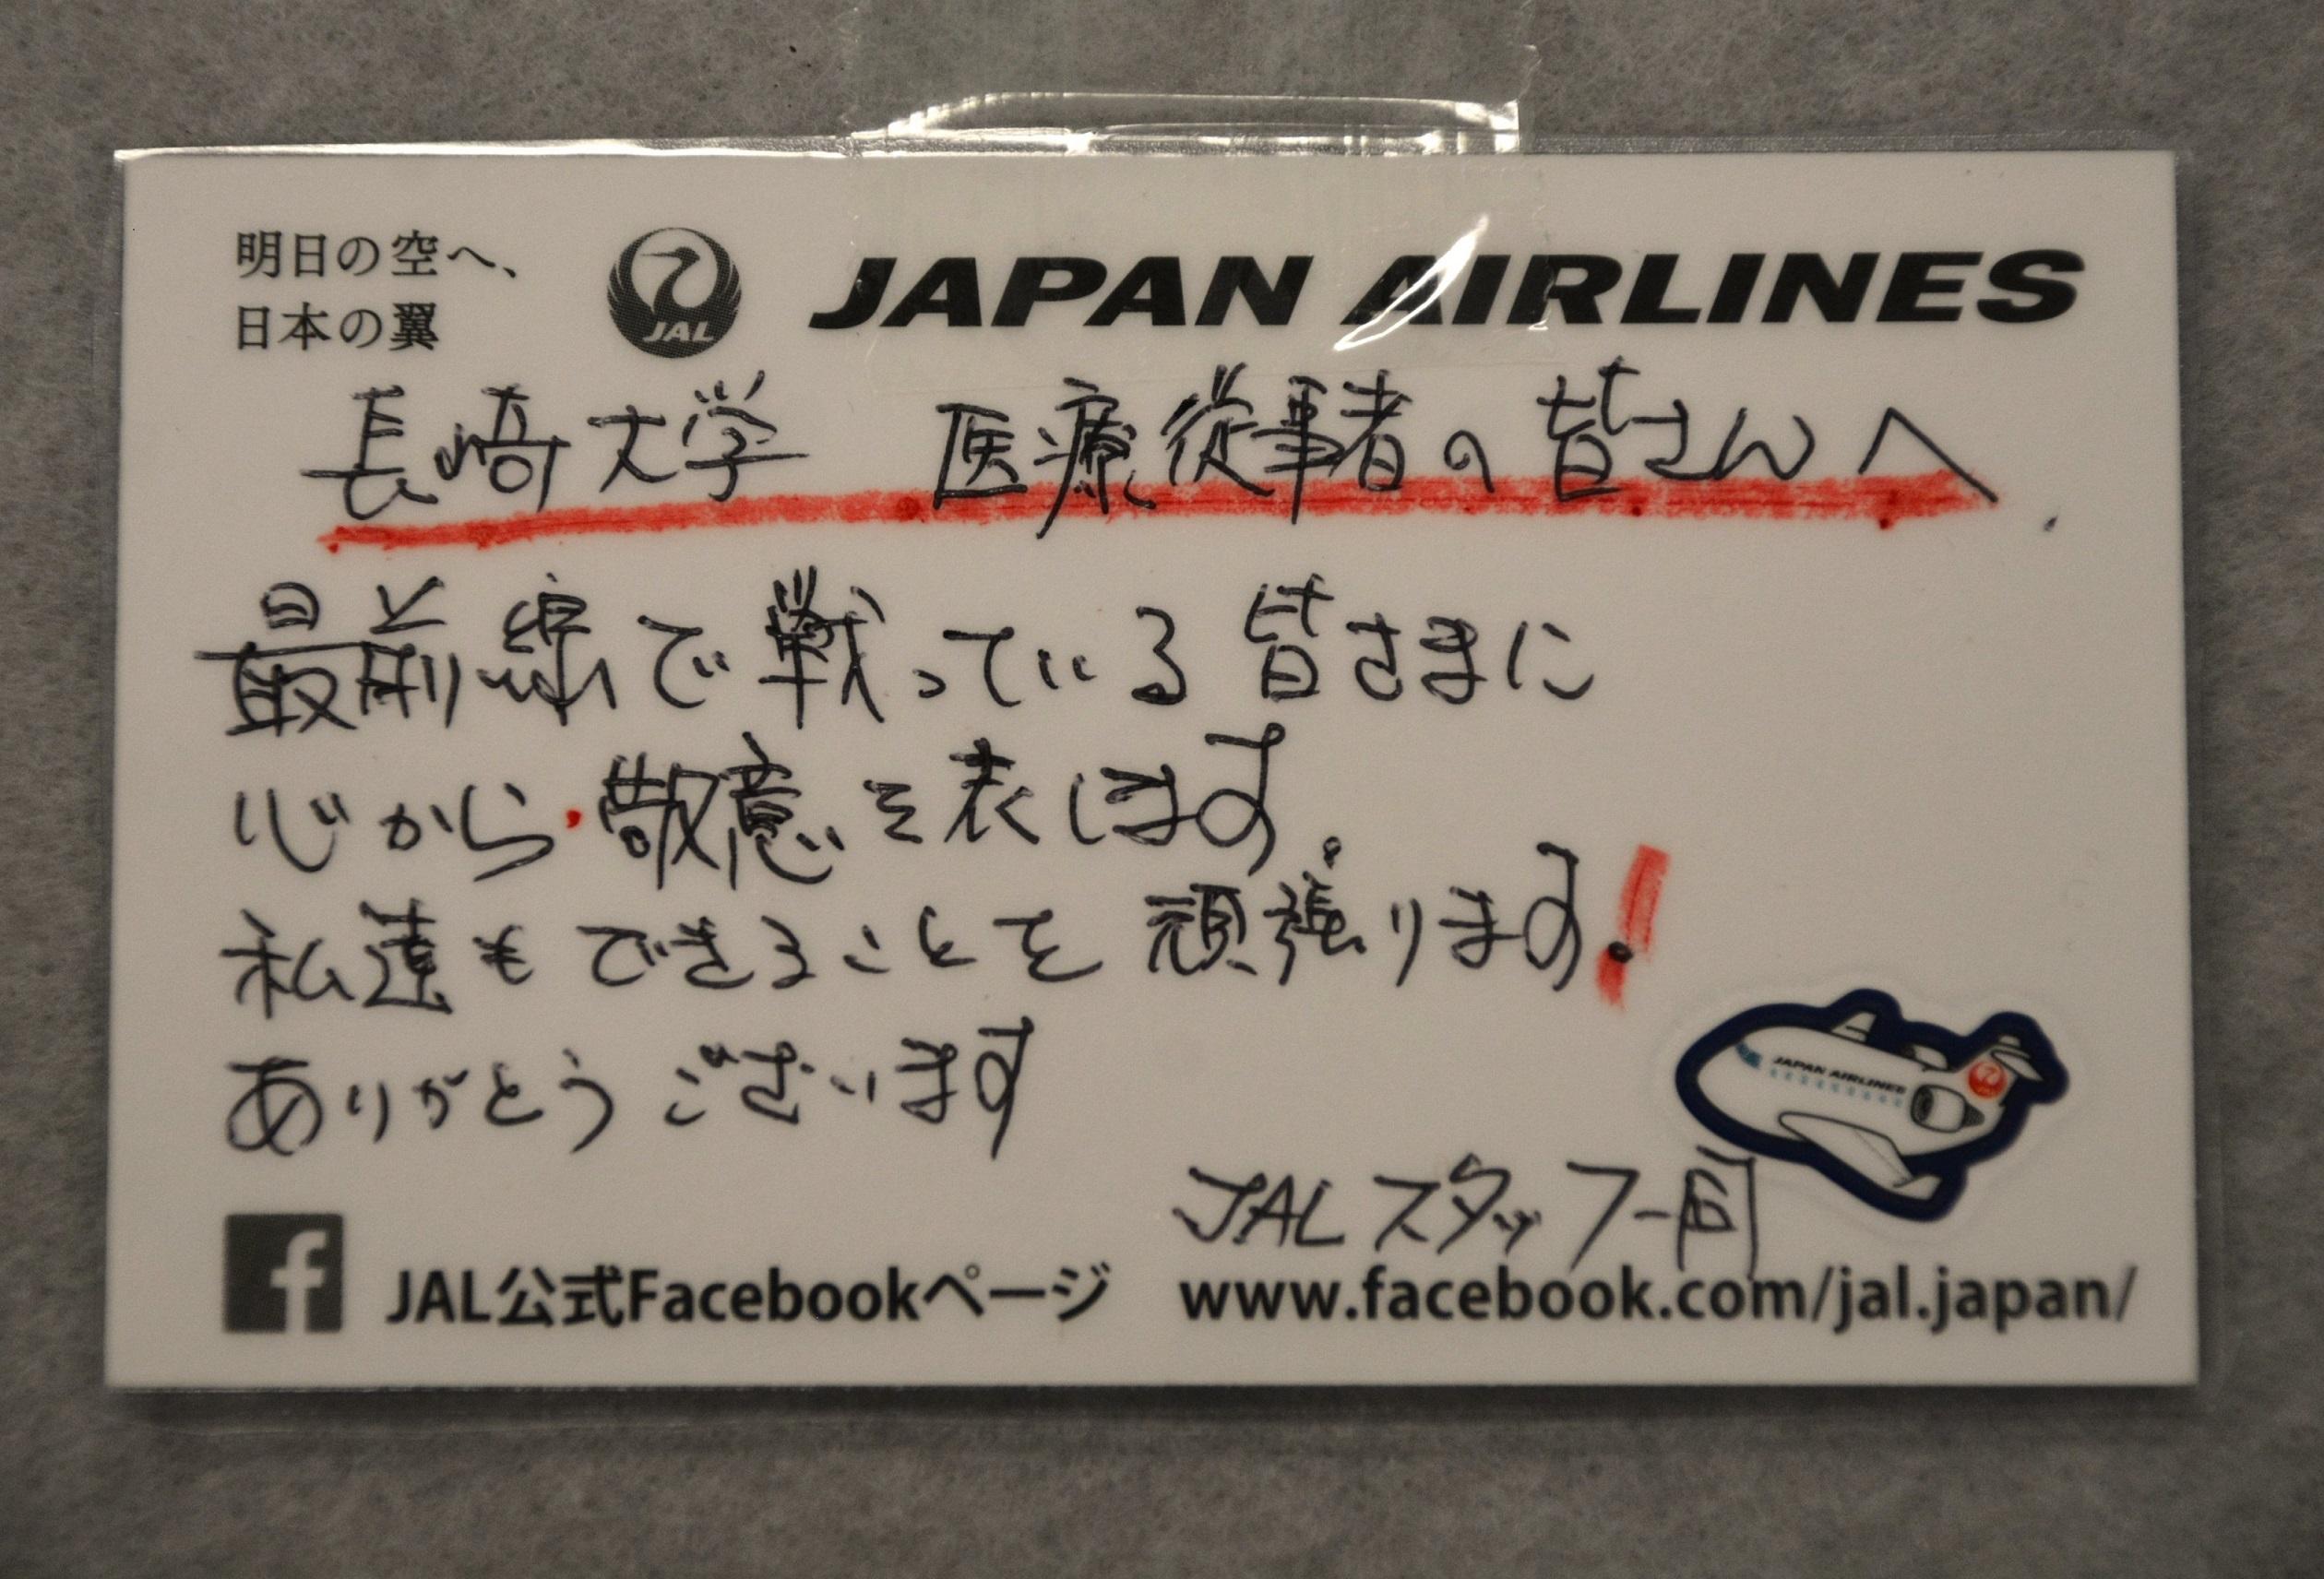 日本航空の皆様から寄せられたメッセージ